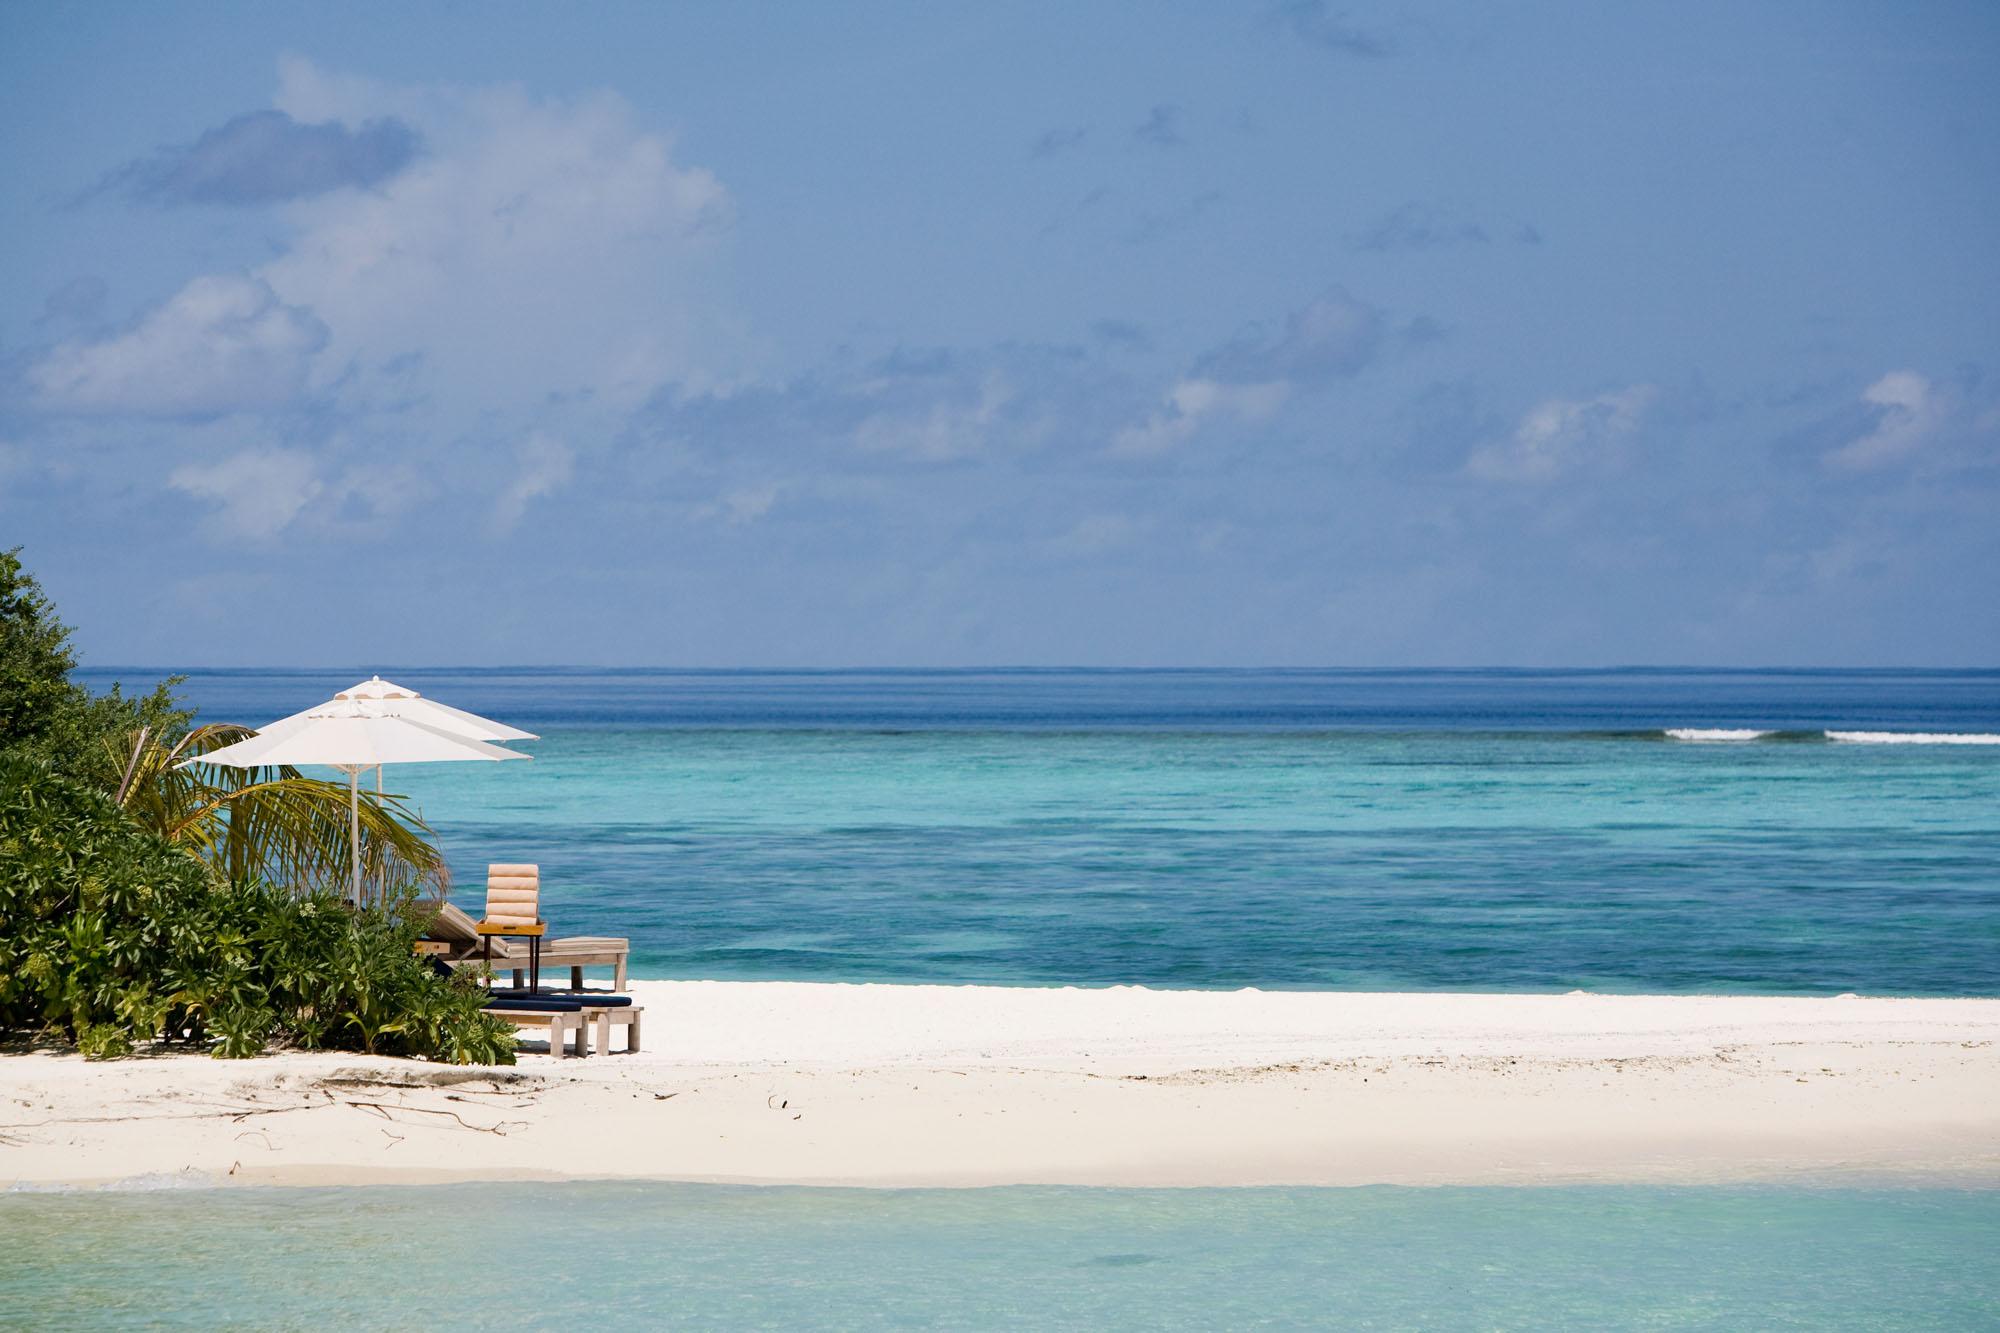 LUX-Maldives-04-1